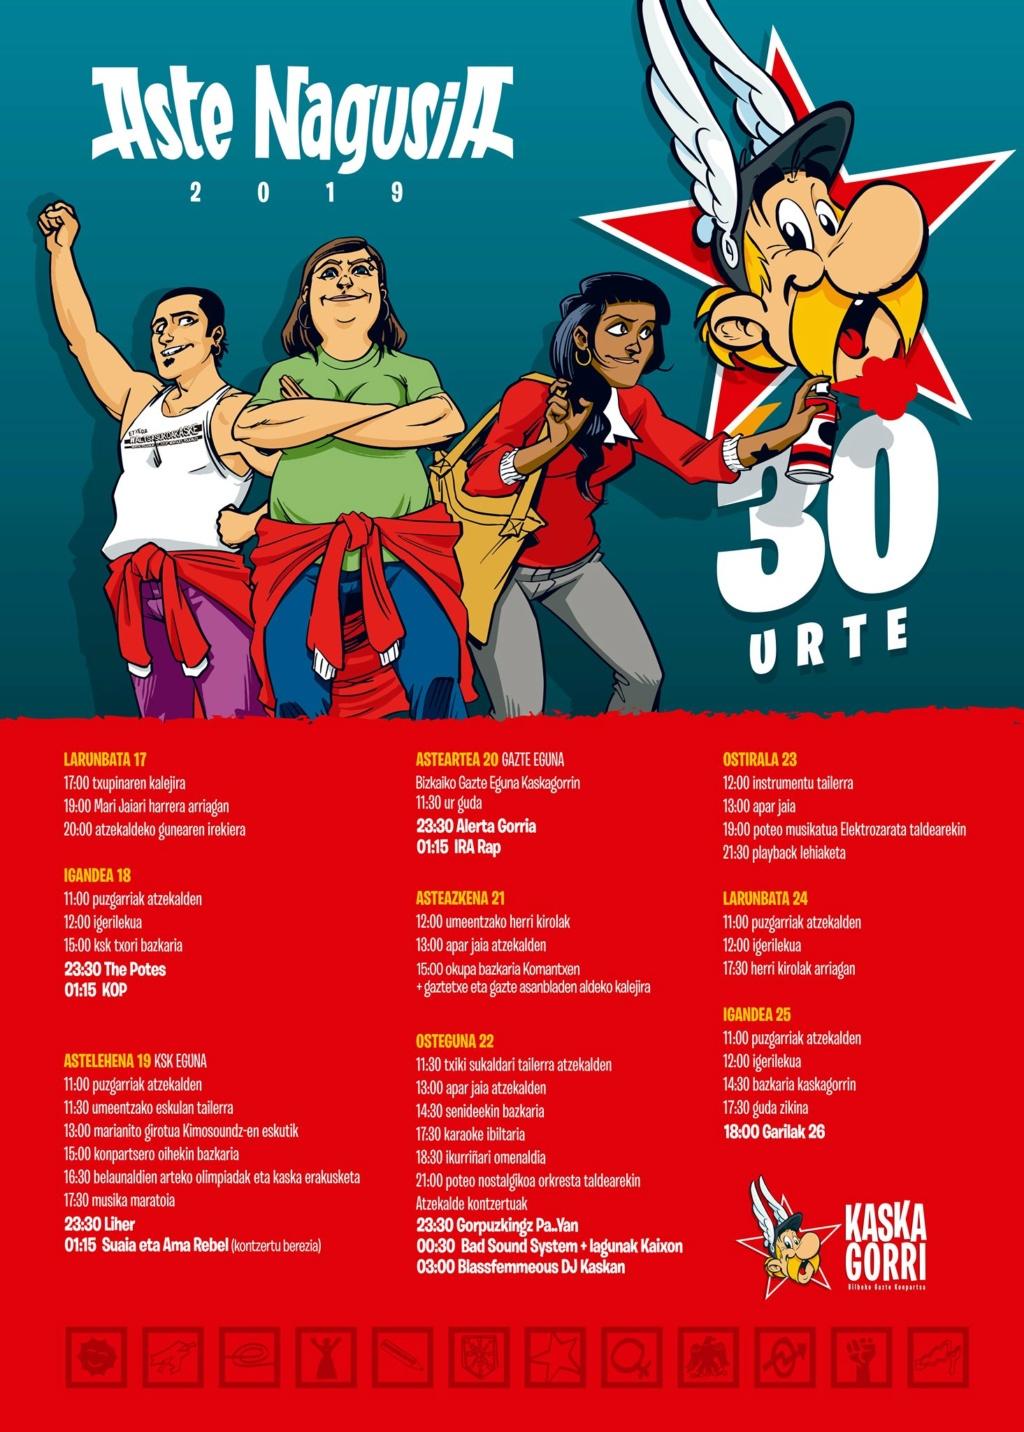 BILBOKO ASTE NAGUSIA 2019 - Conciertos Bilbok23